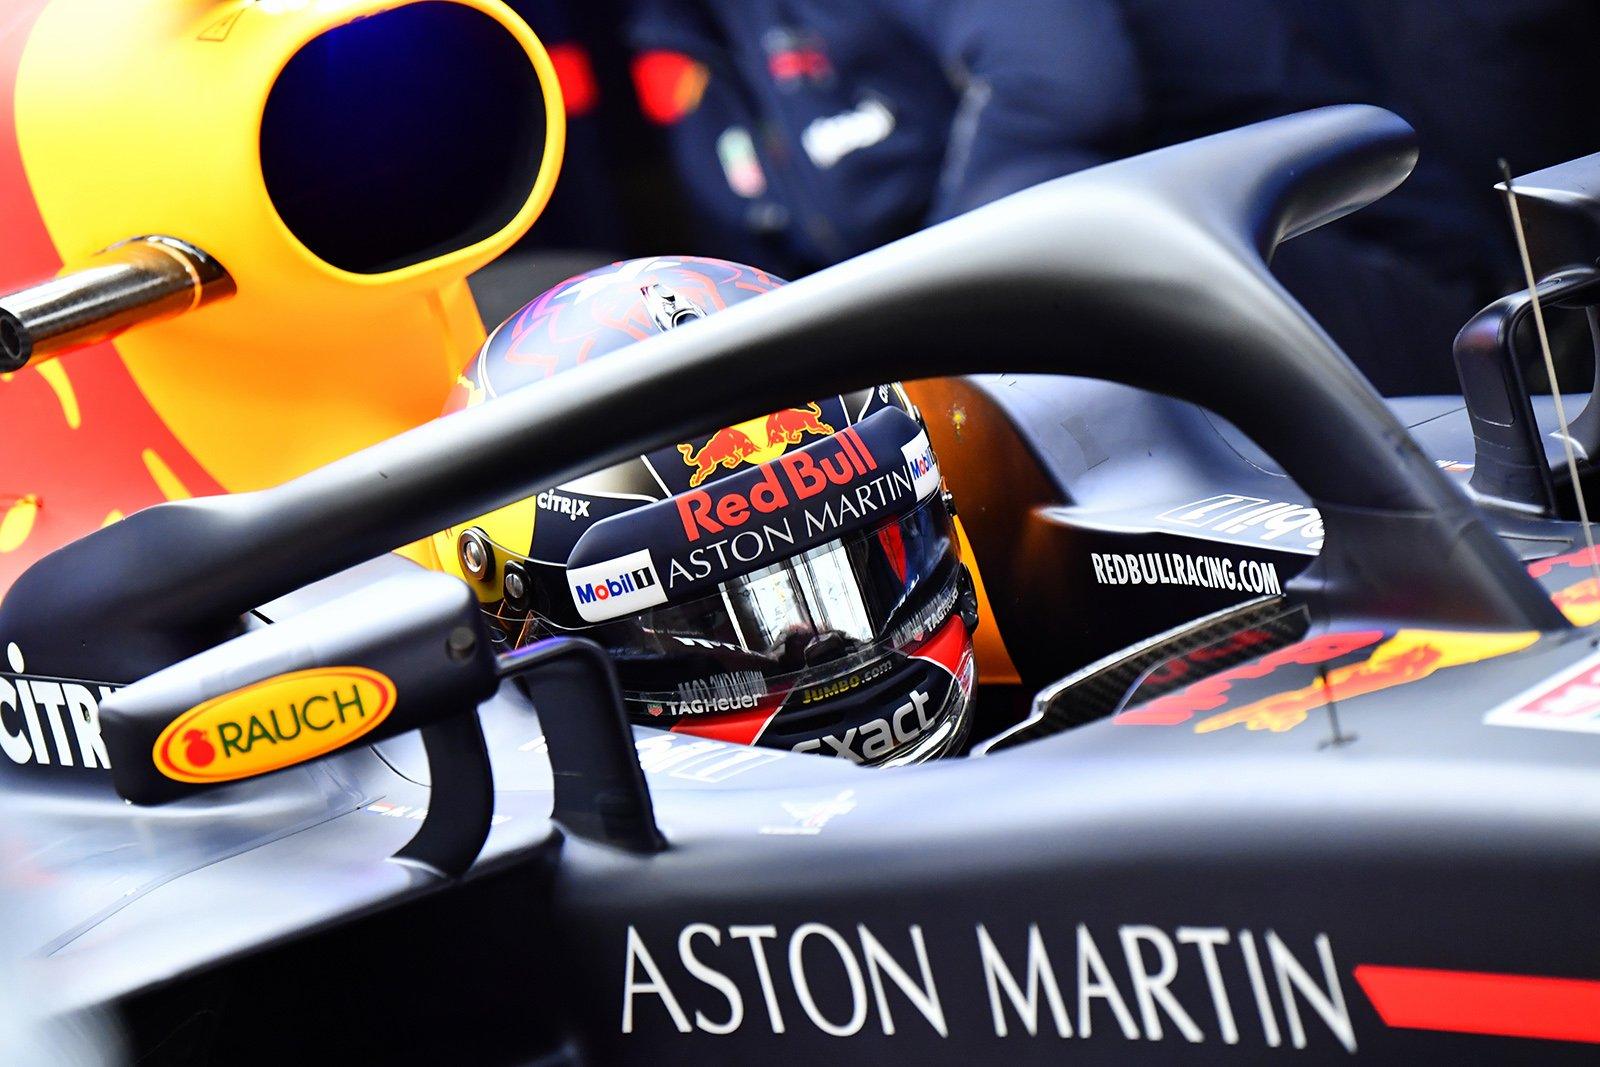 Макс Ферстаппен в кокпите Red Bull на тестах в Барселоне